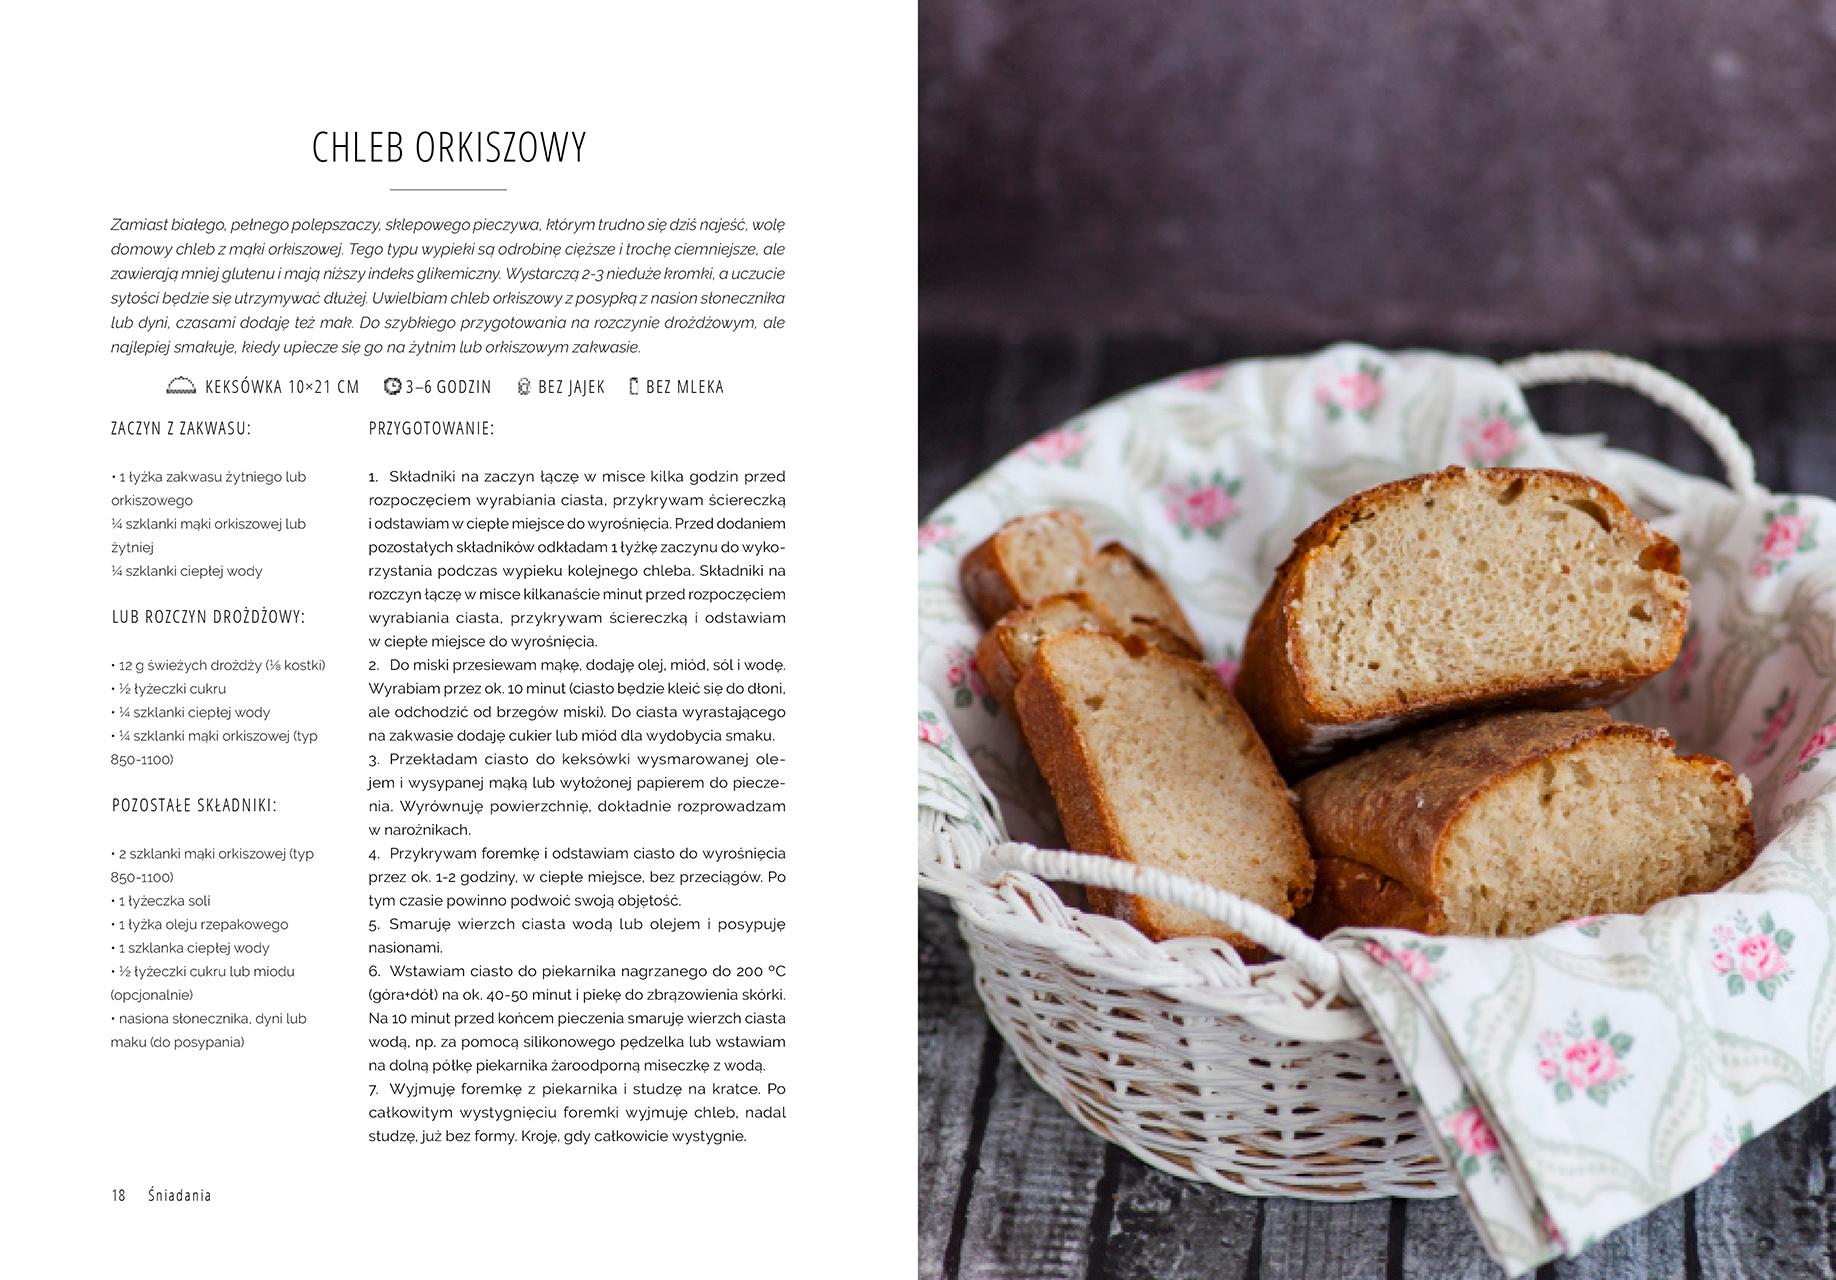 Superfood po polsku - przepis na chleb orkiszowy